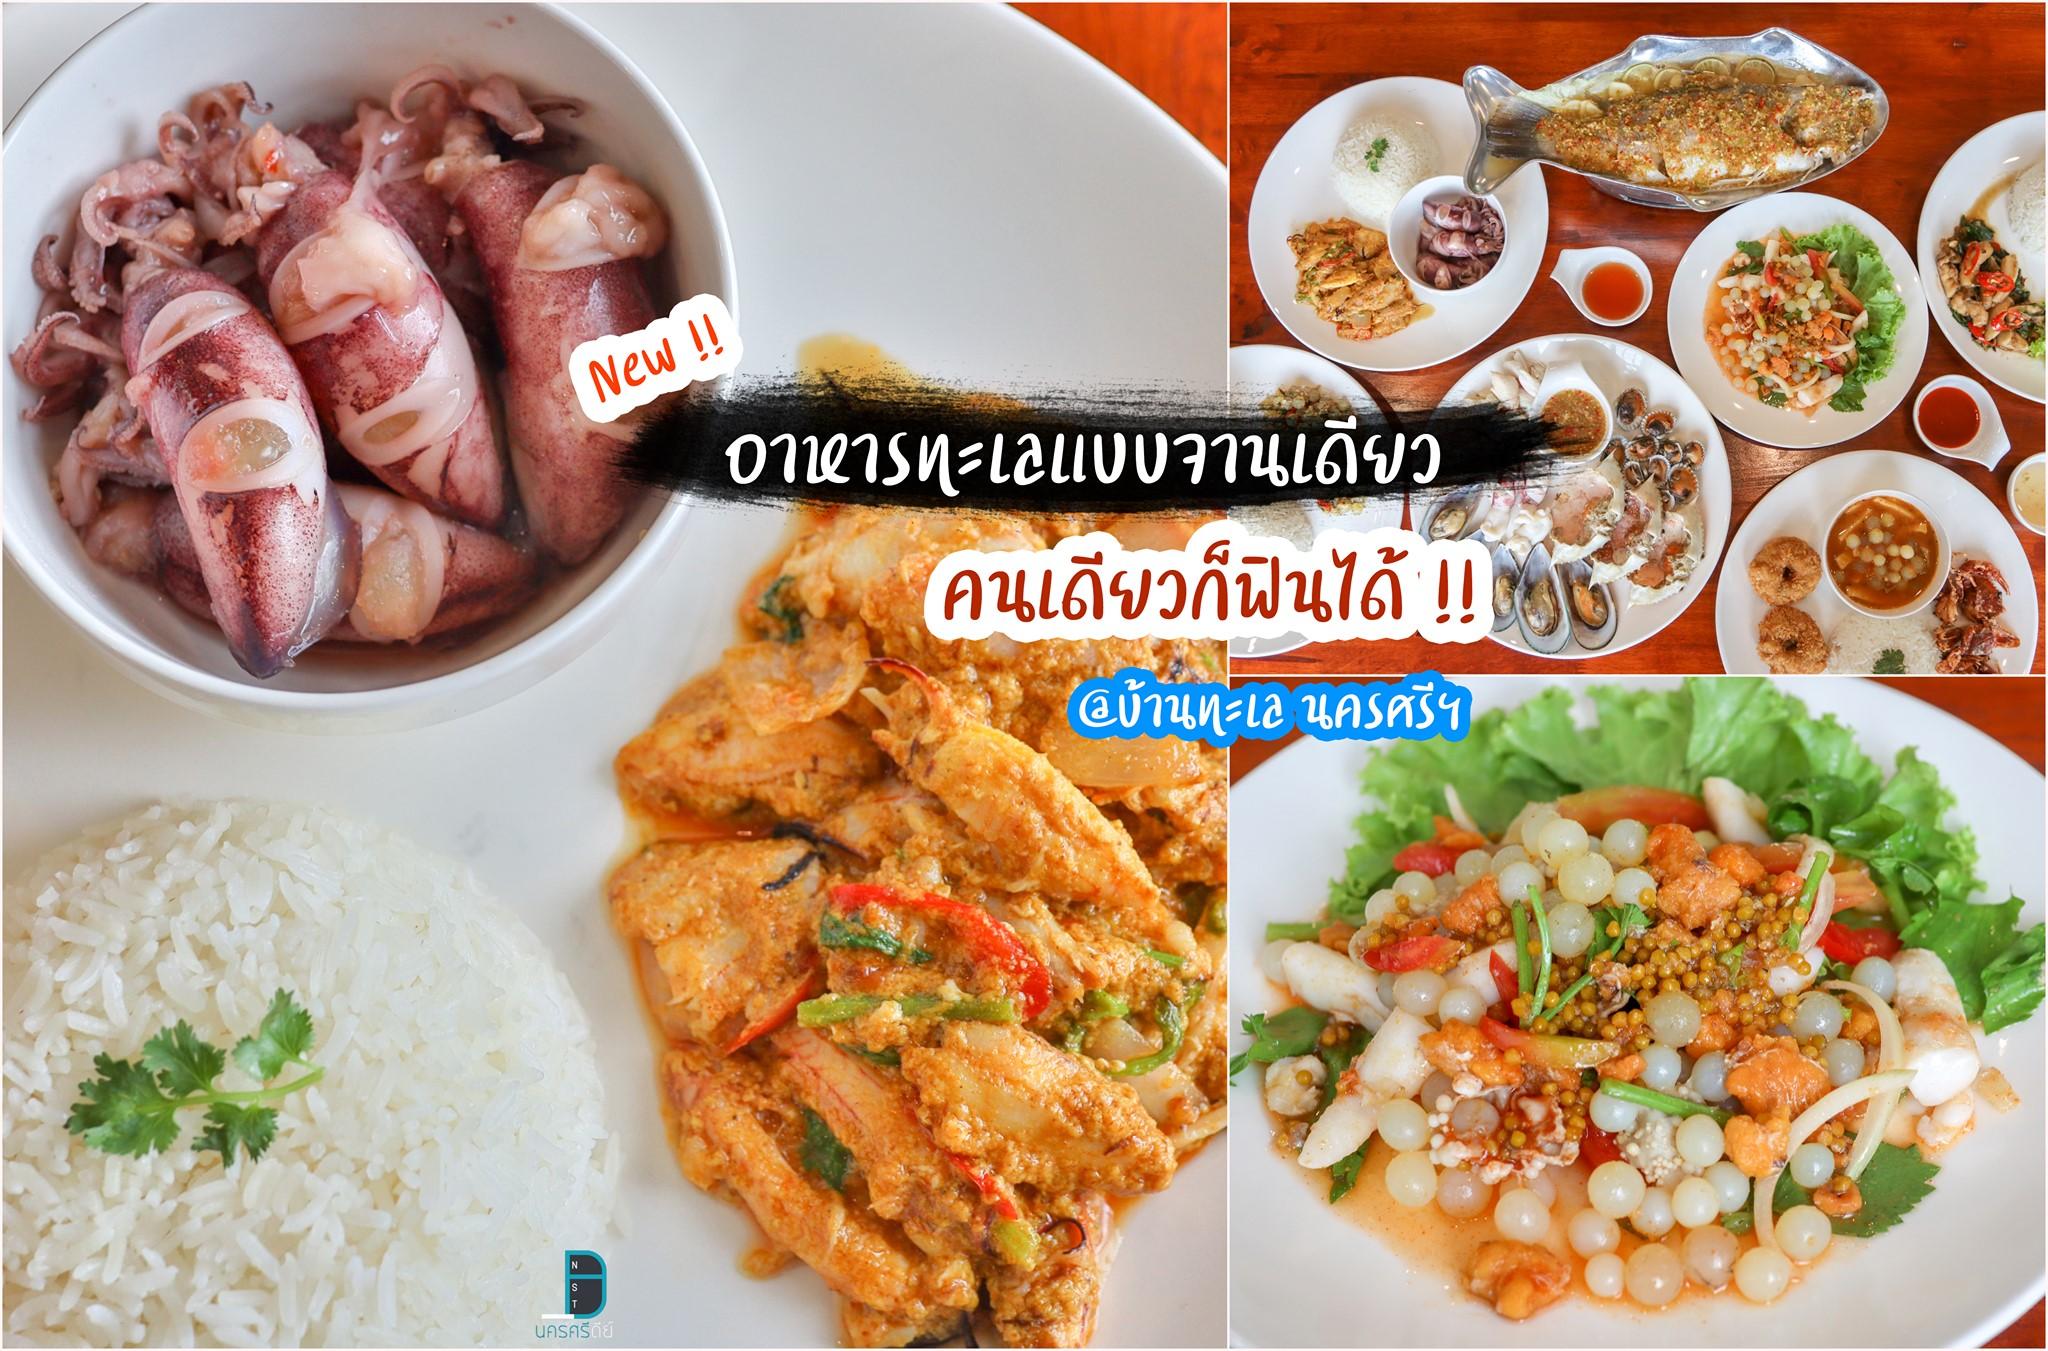 ร้านอาหารทะเล อำเภอเมืองนครศรีธรรมราช บ้านทะเล ครบ จานเดียว กับข้าว มีครบ